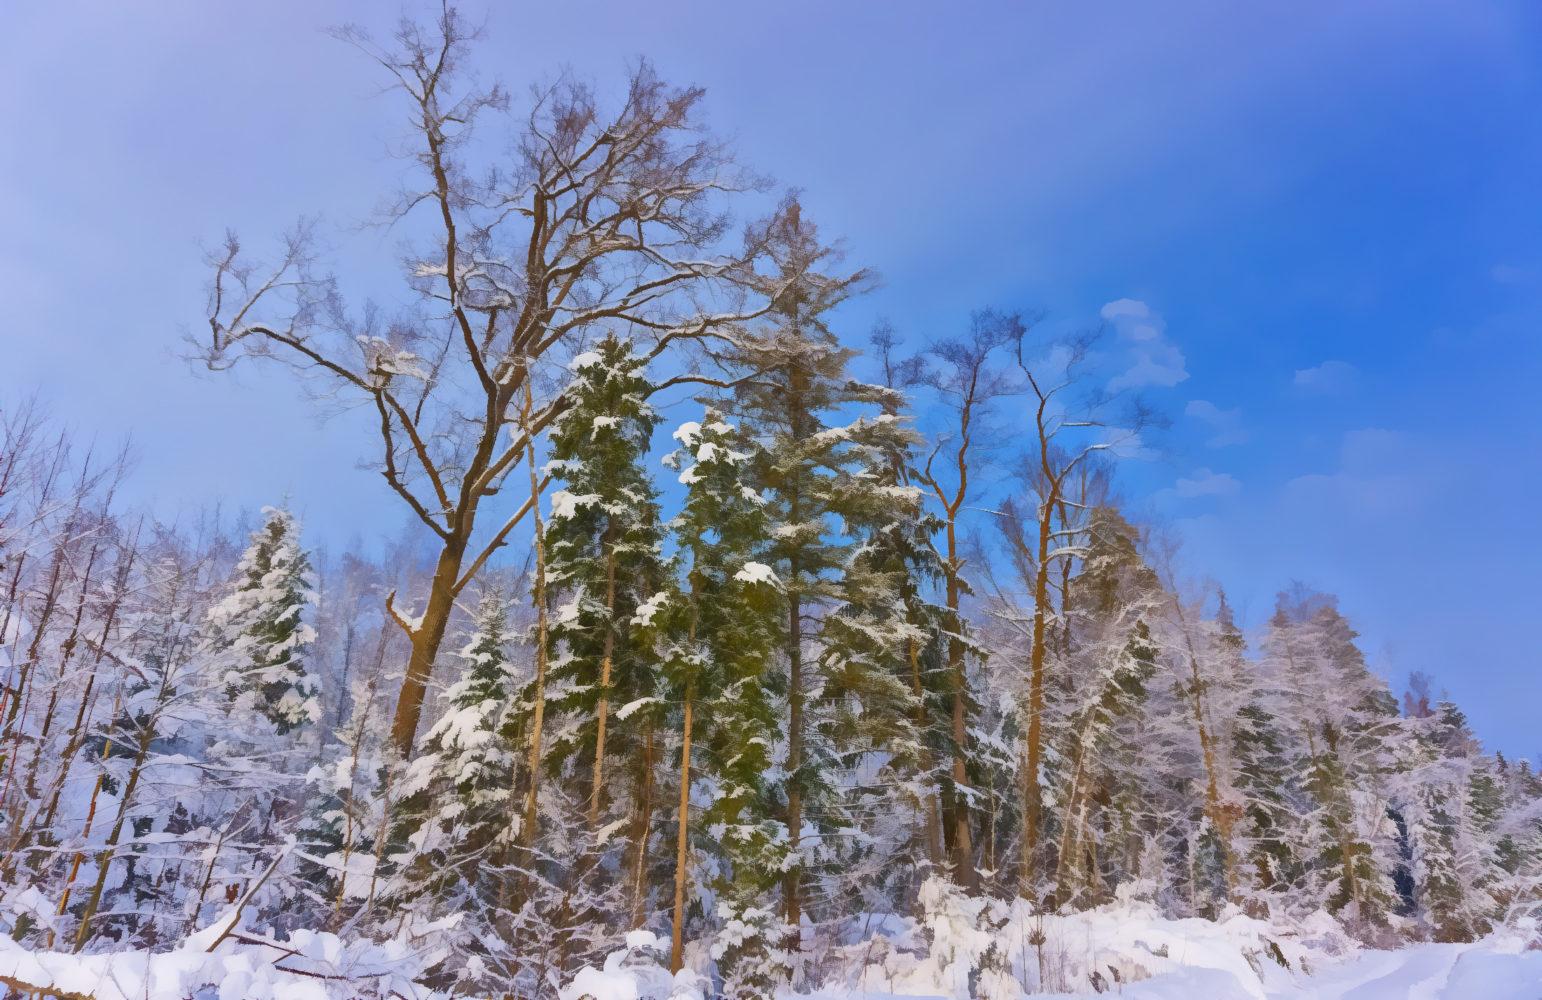 Волшебный зимний лес после сильных снегопадов